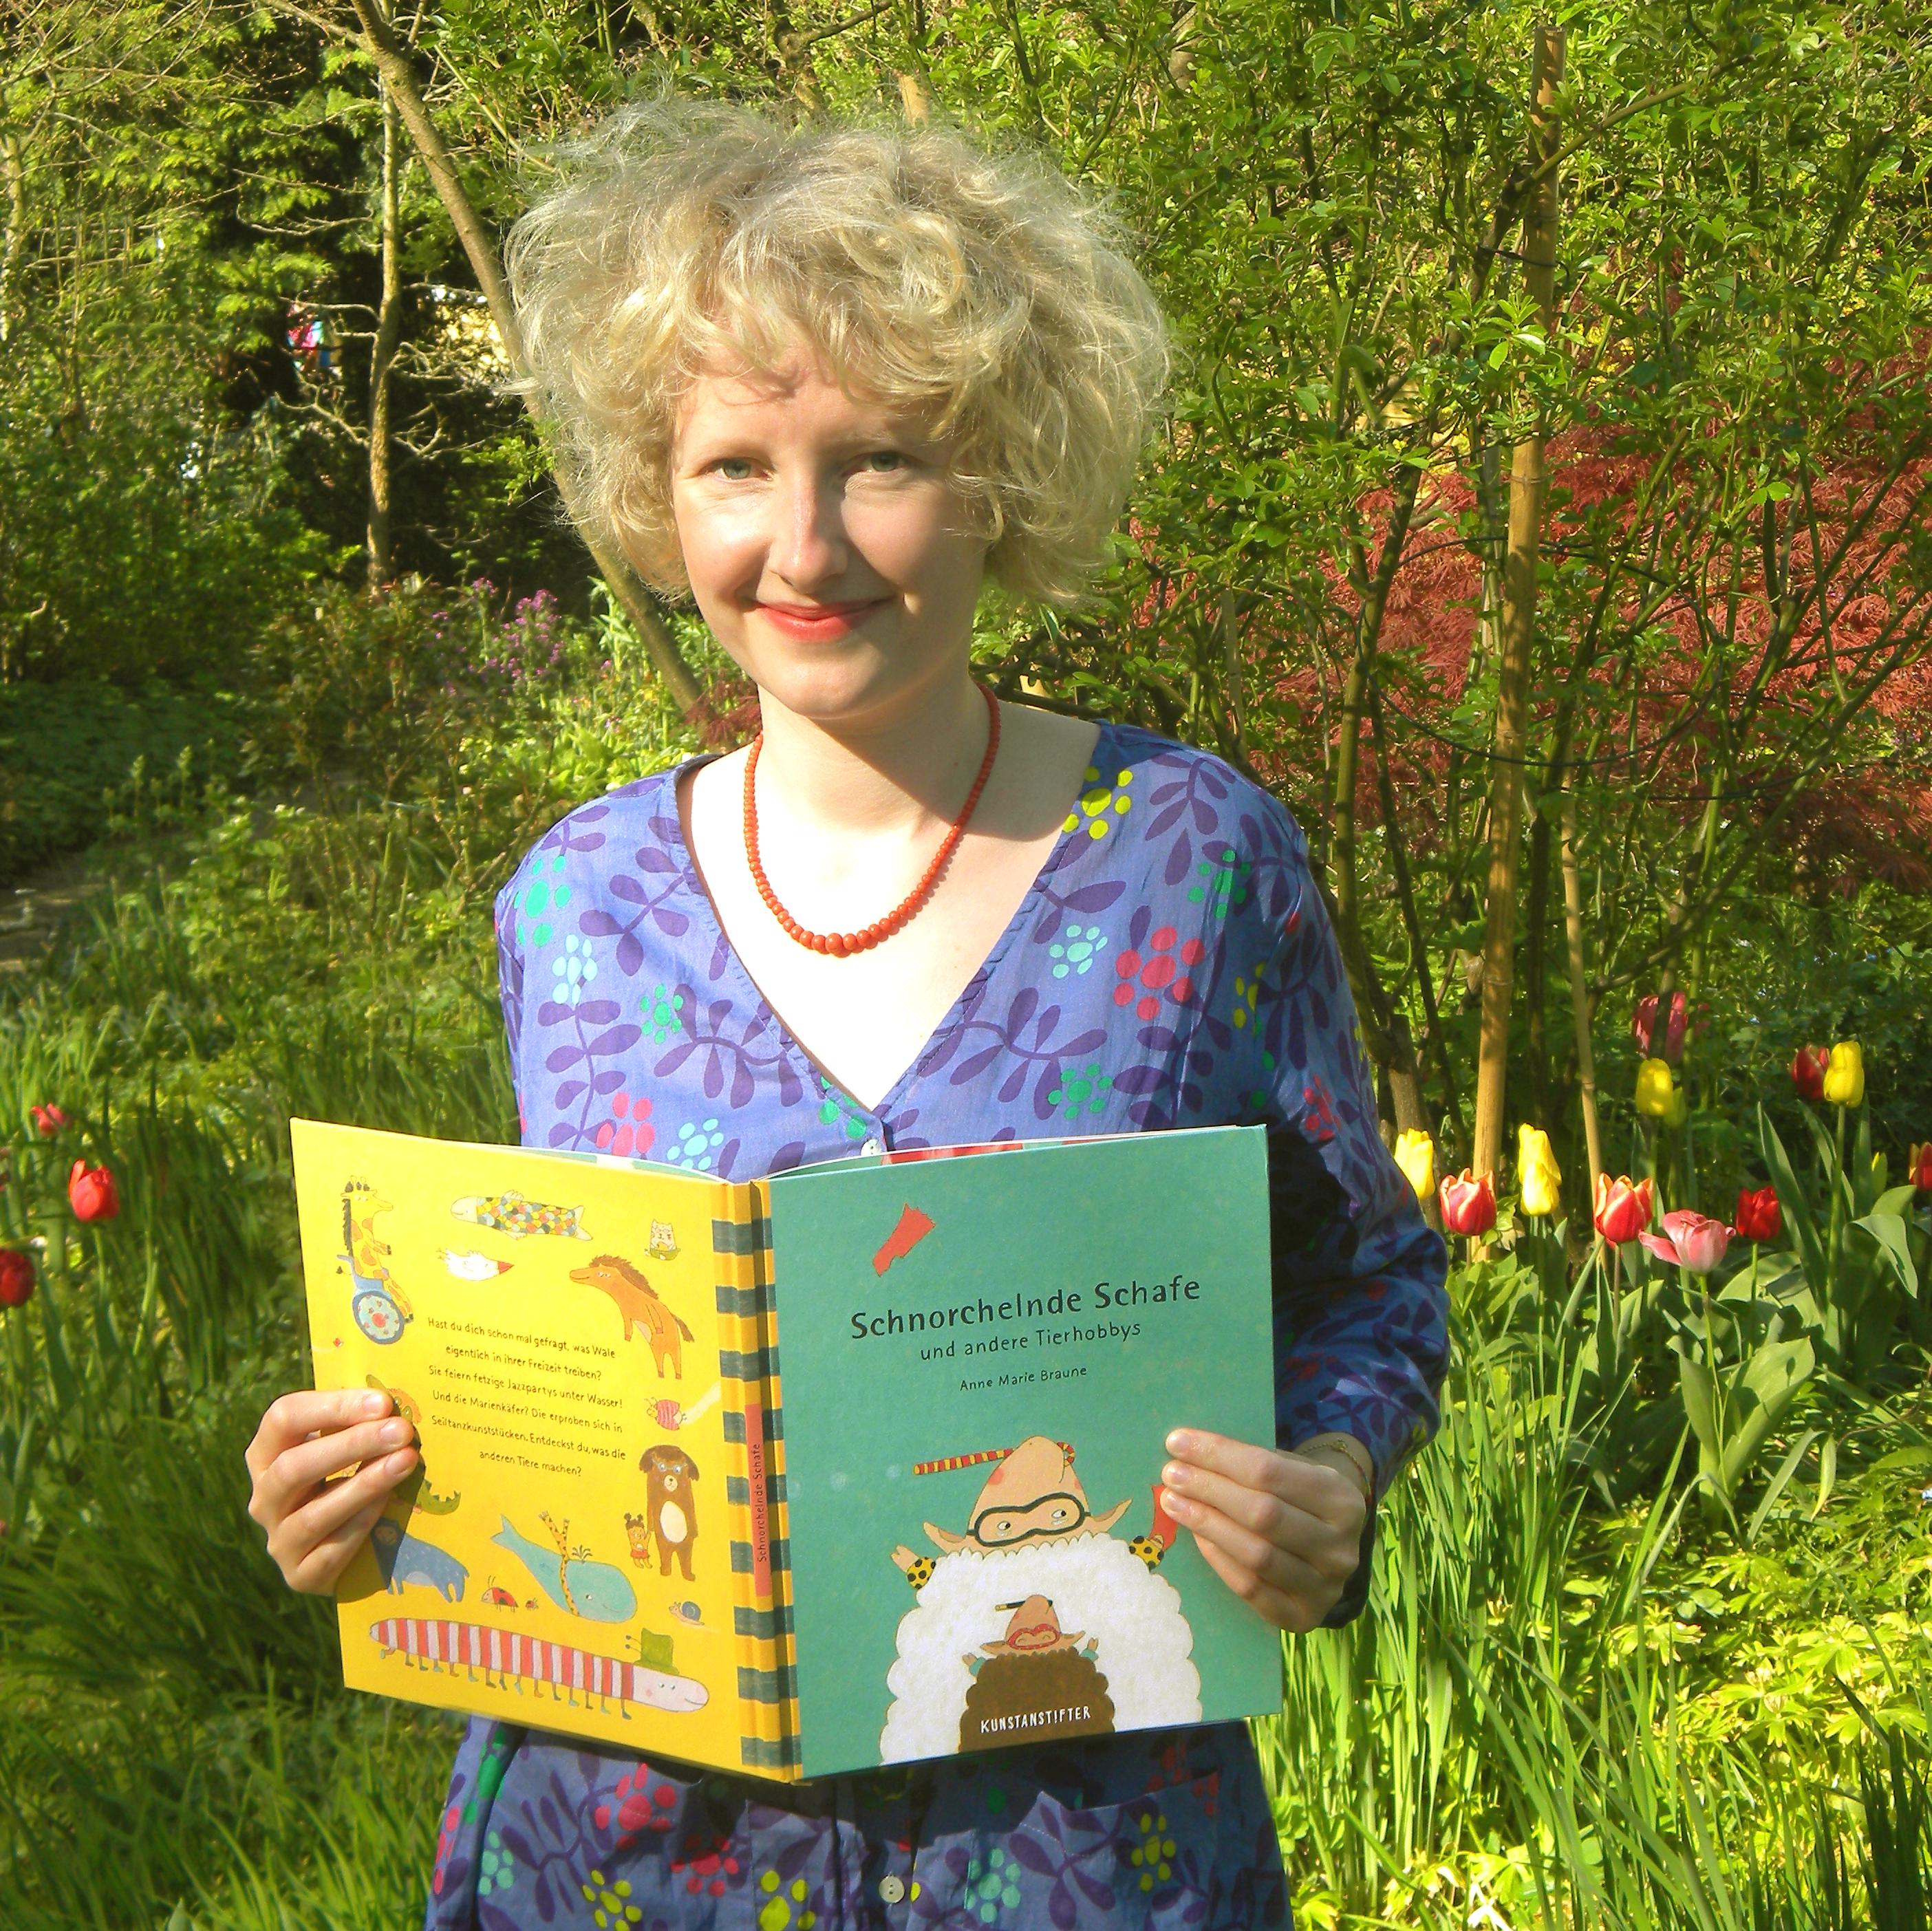 Die Illustratorin Anne Marie Braune